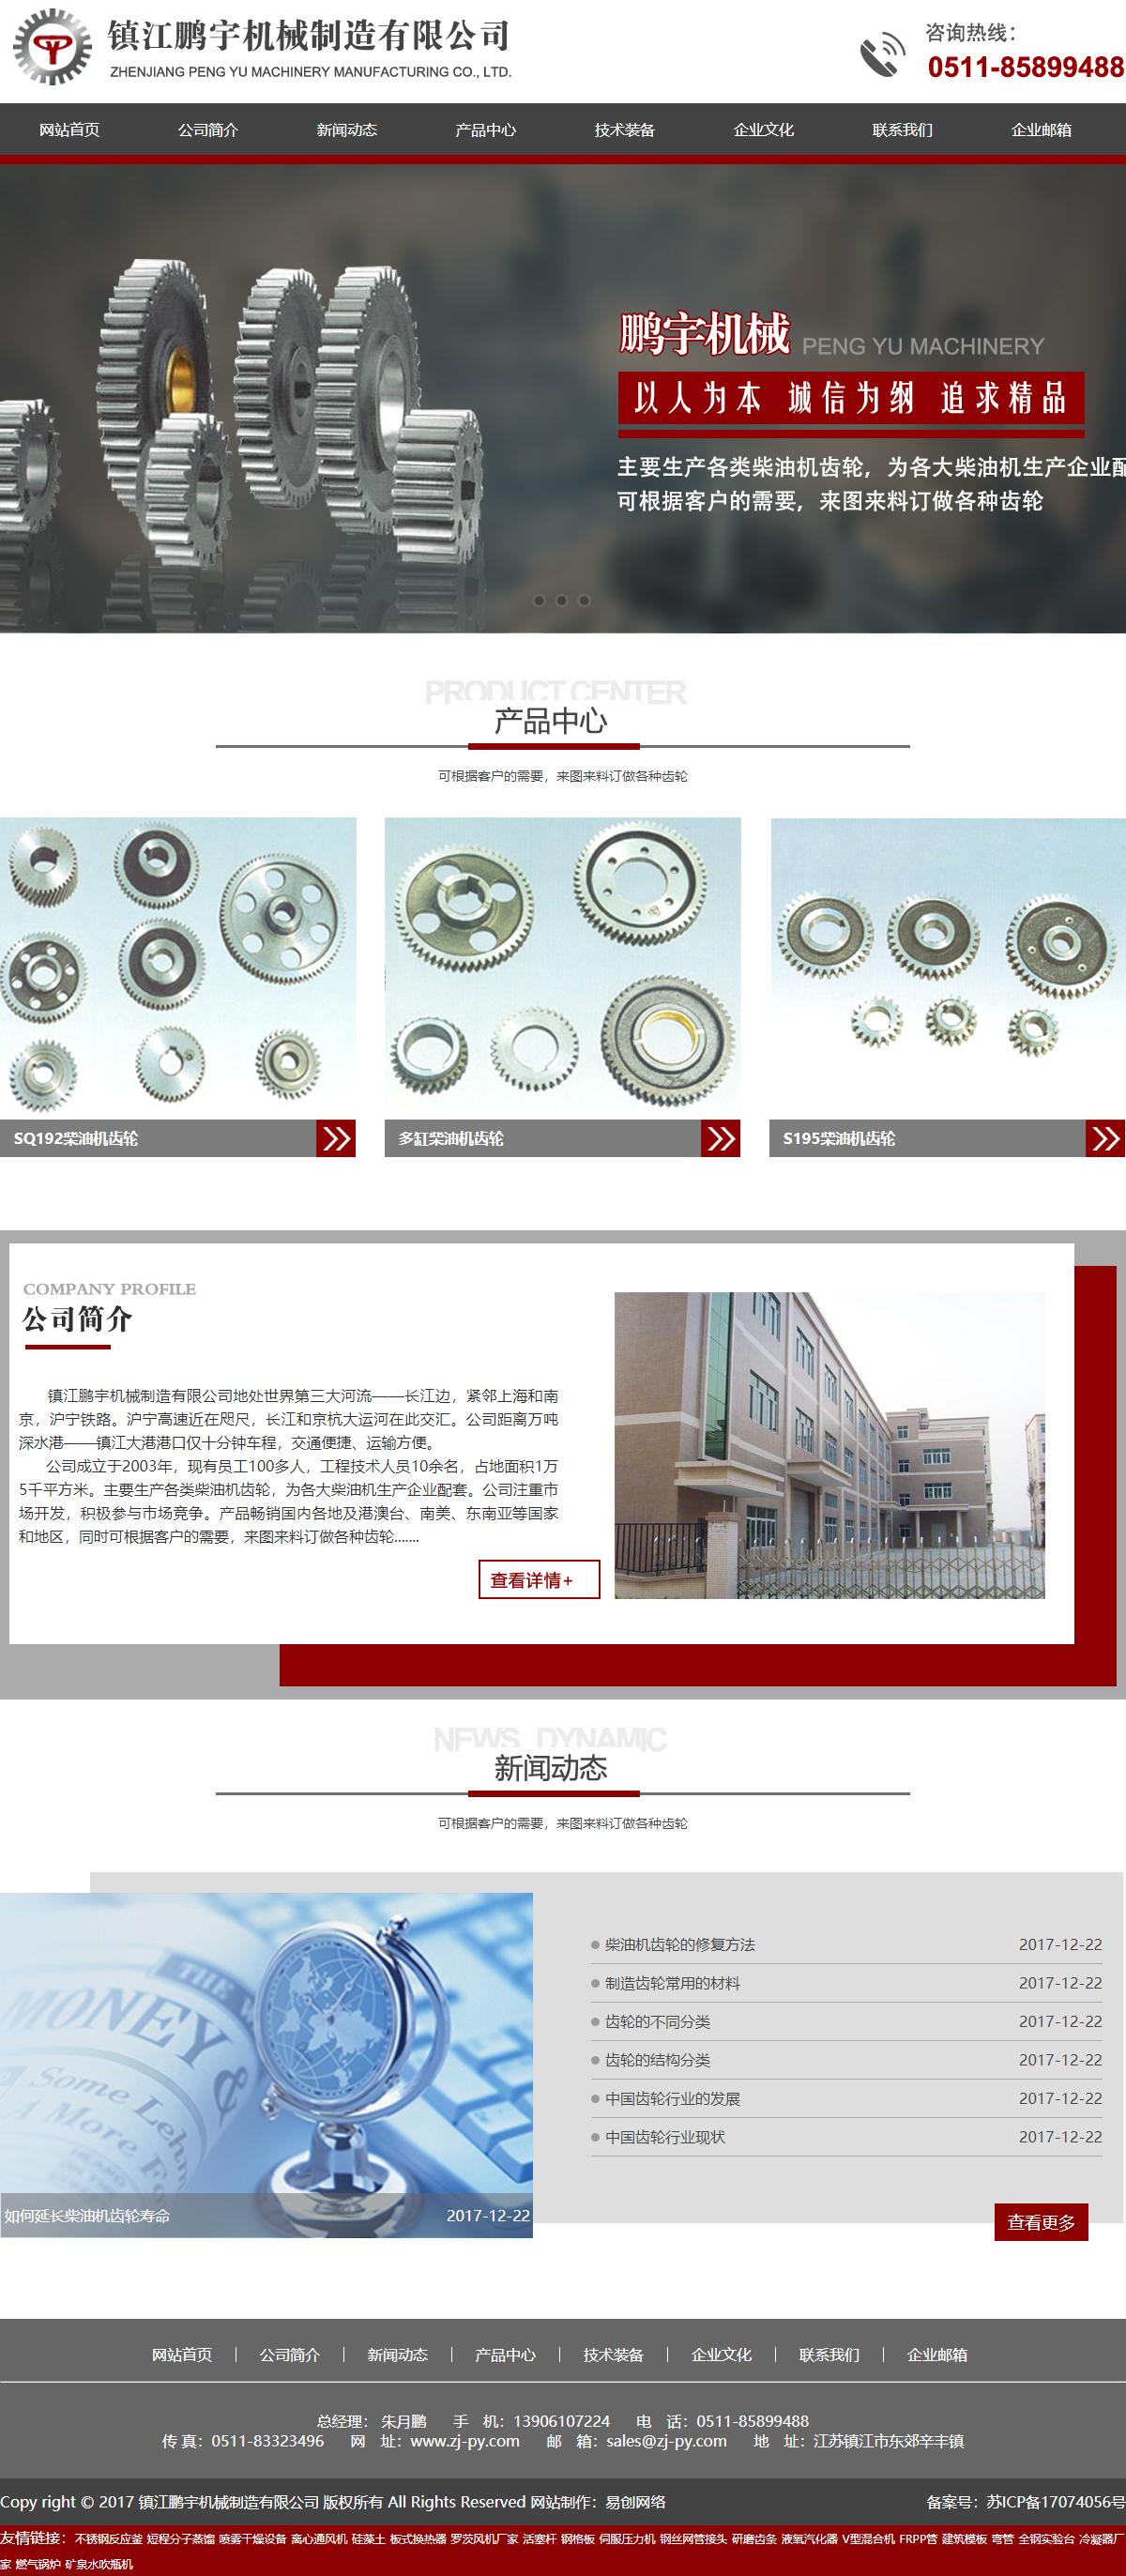 镇江鹏宇机械制造有限公司网站案例